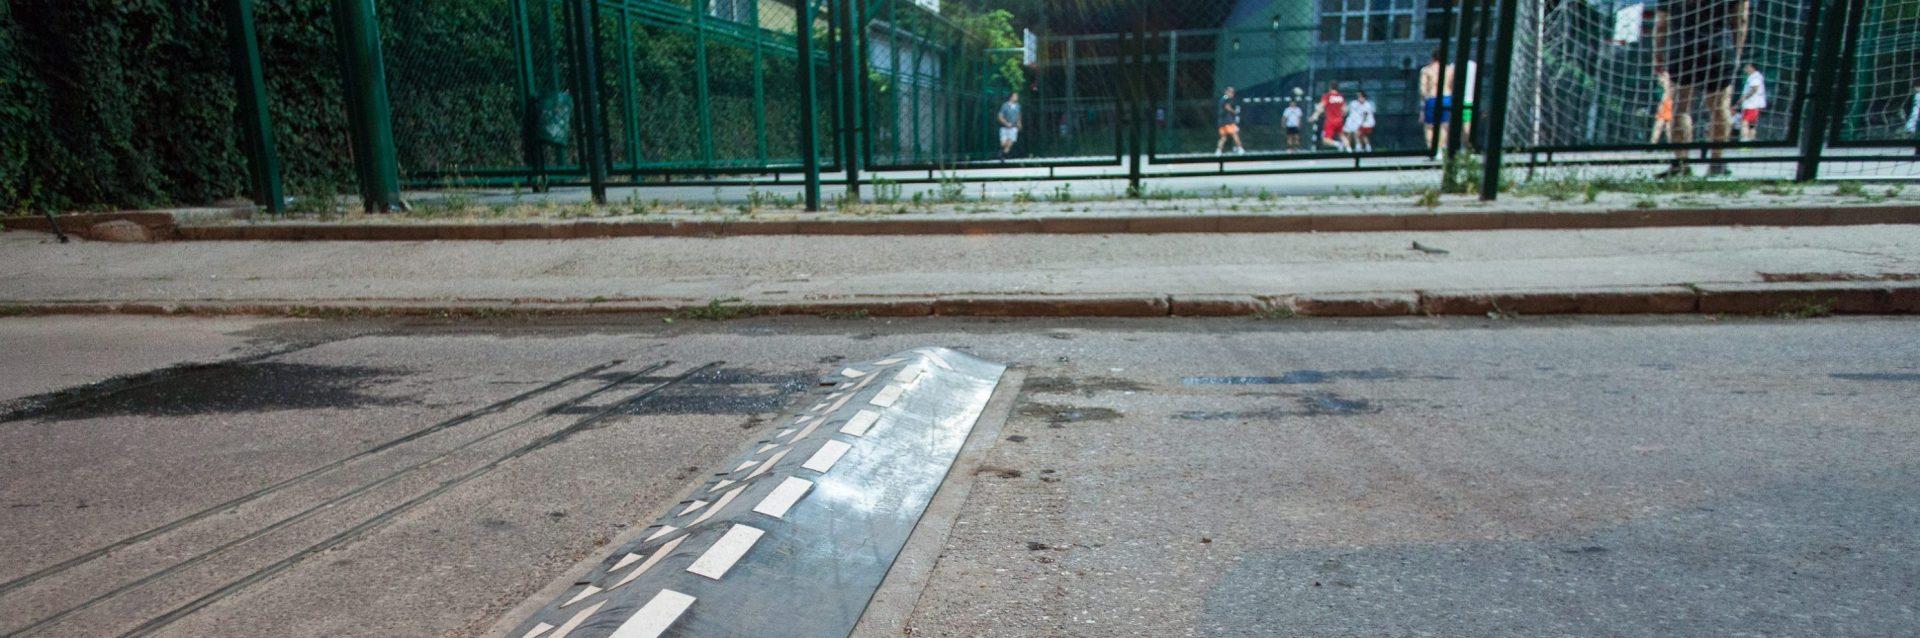 SmartBump on a street